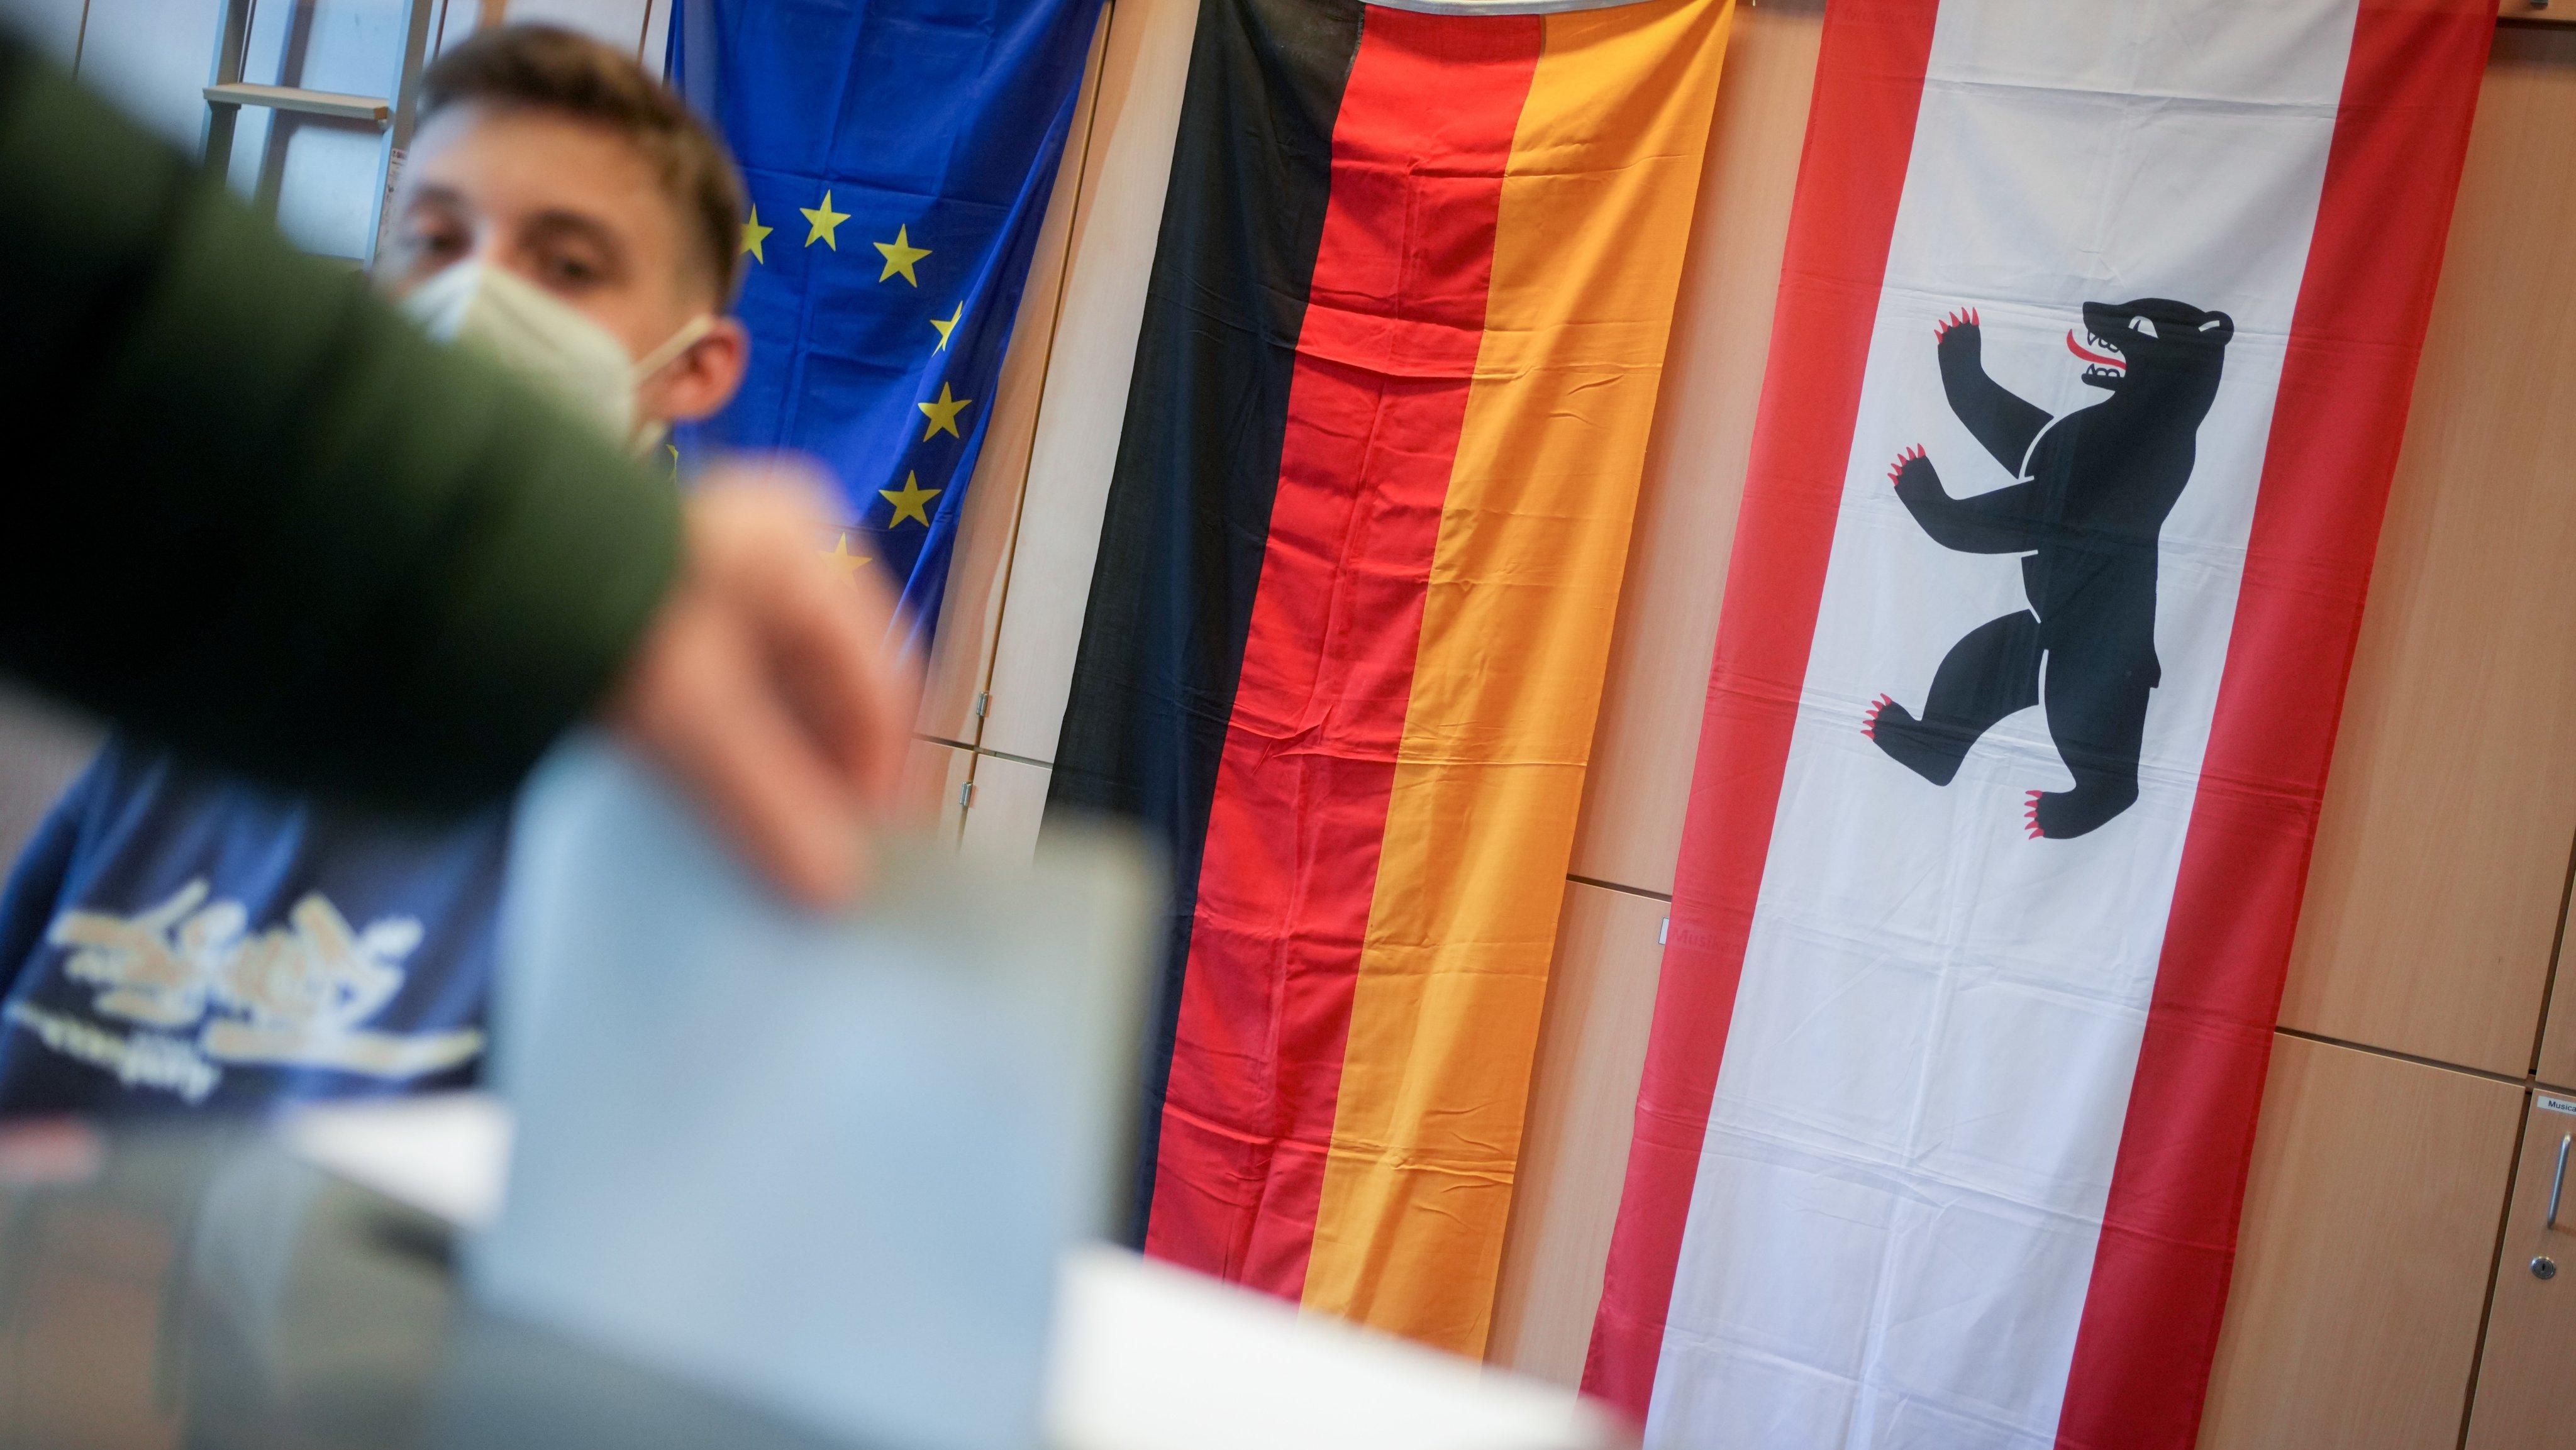 Bundestag election - Voting